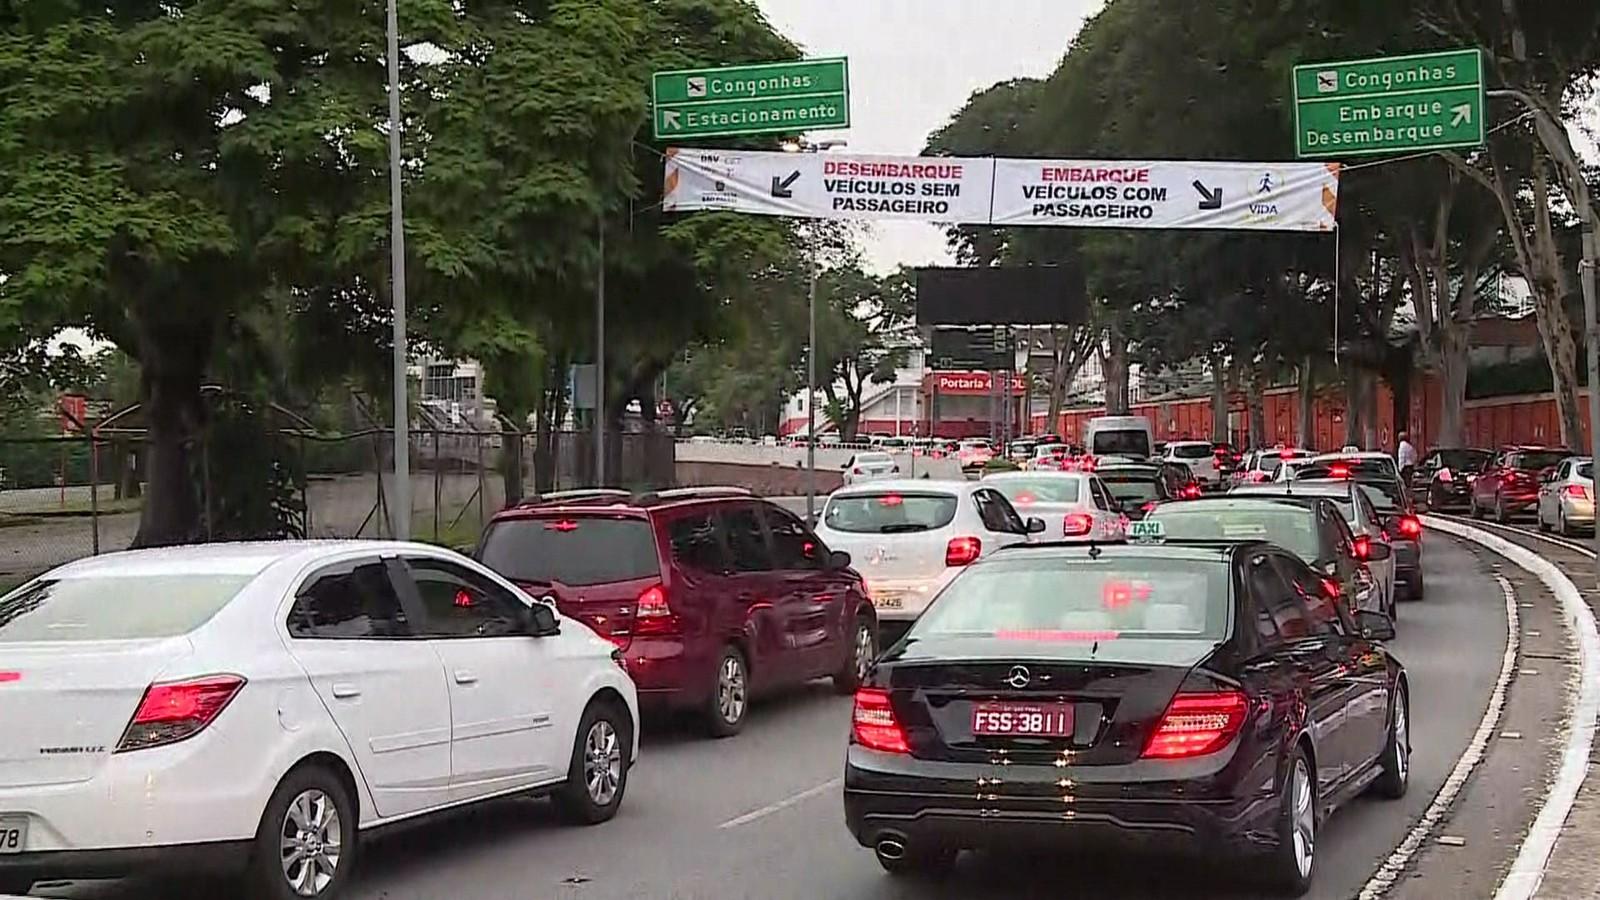 Novas regras para acessos de táxis, carros de aplicativos e particulares em Congonhas começam a valer nesta sexta